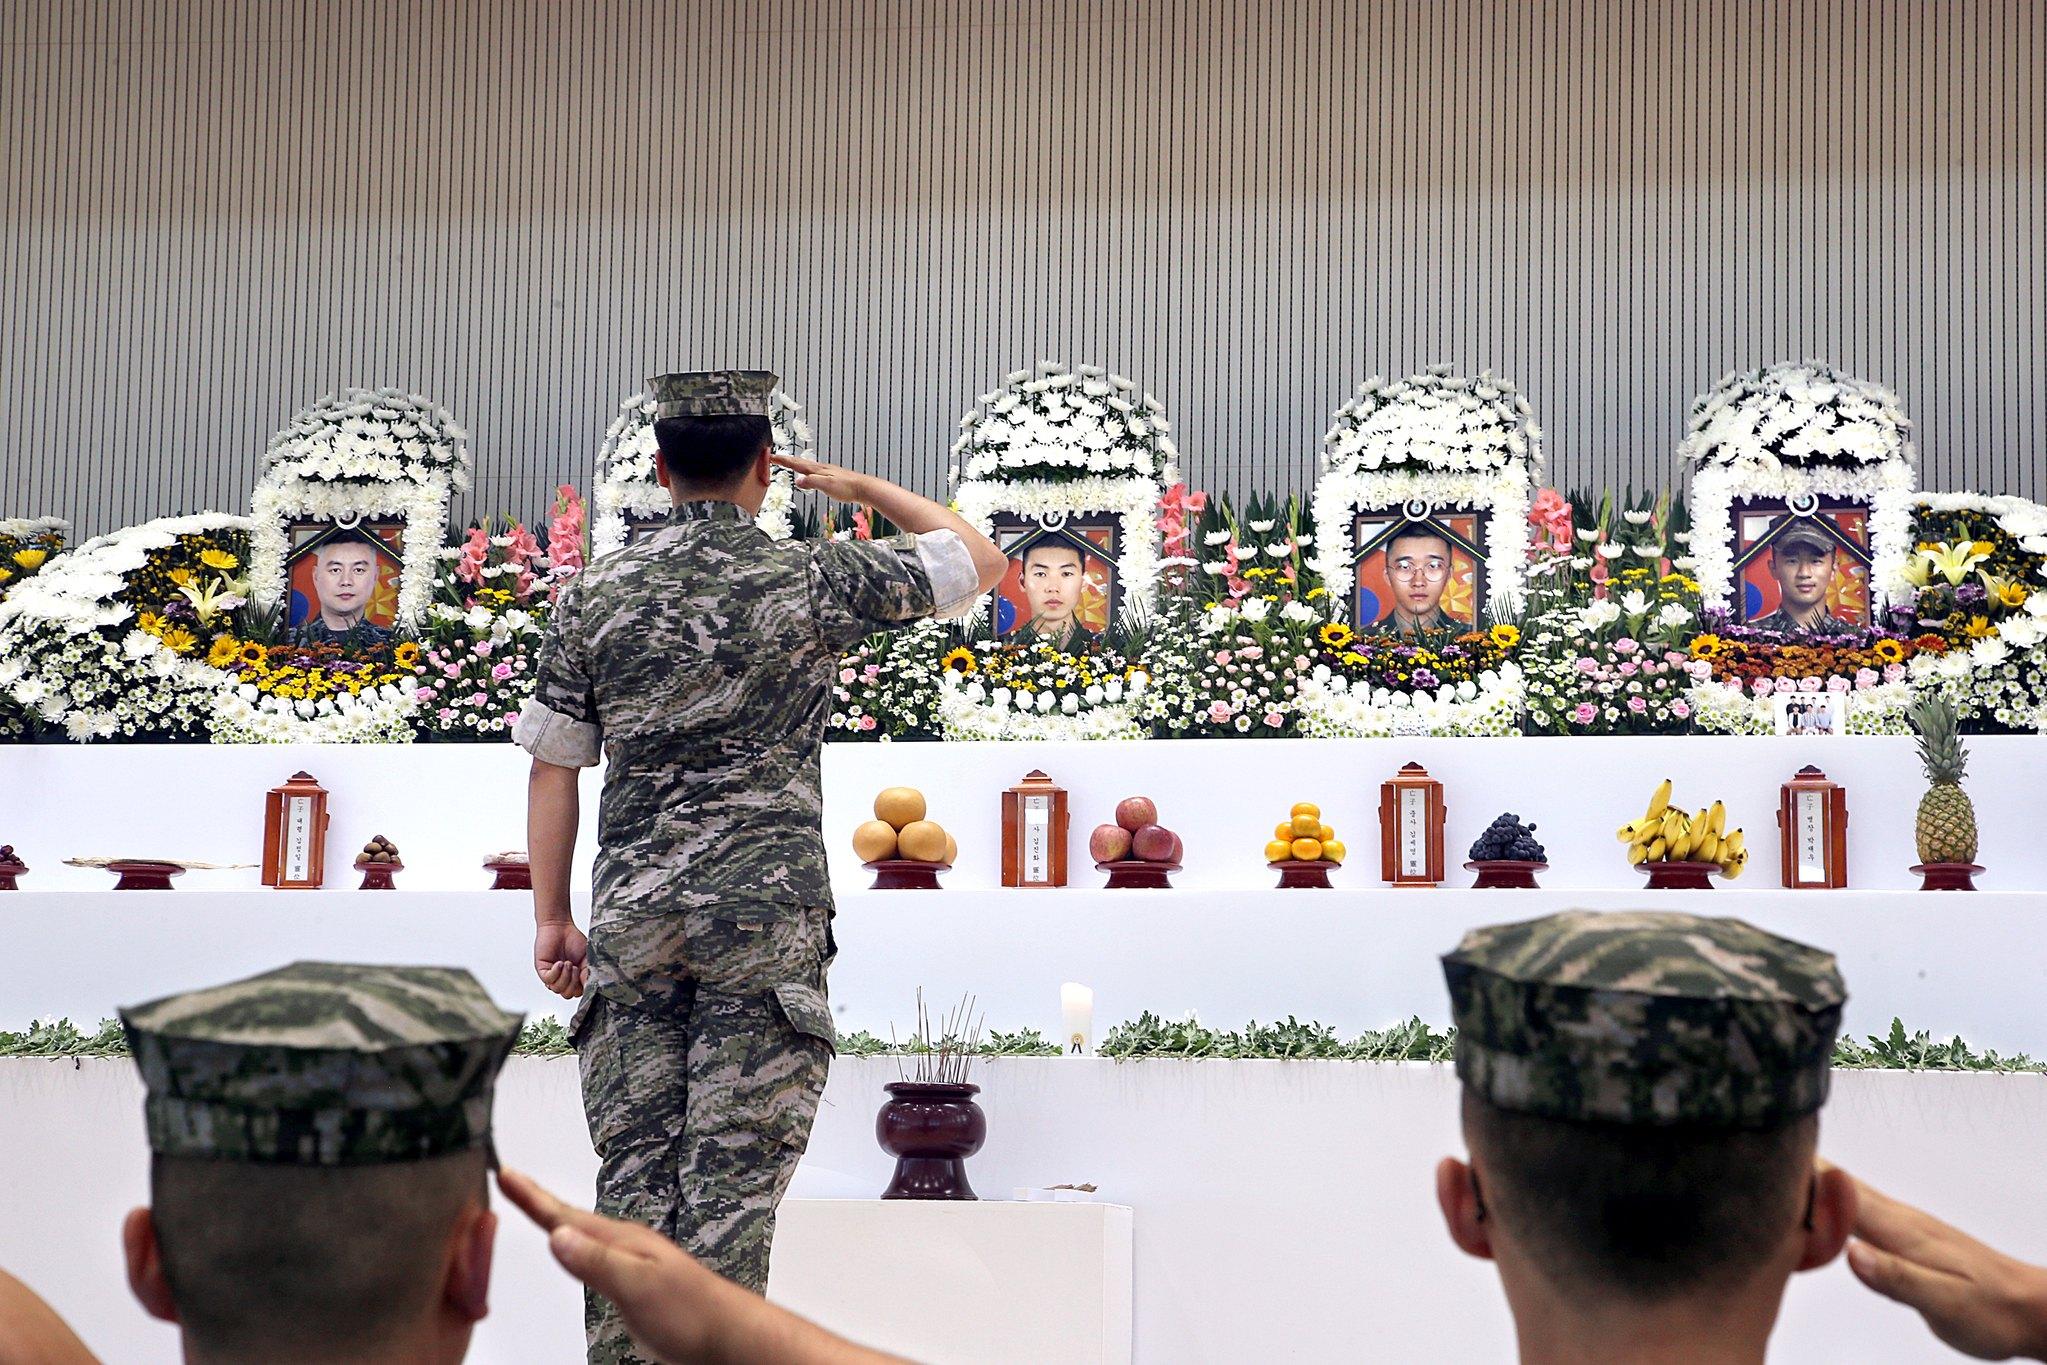 22일 합동분향소를 찾은 해병대 동료들이 조문하고 있다. [연합뉴스]